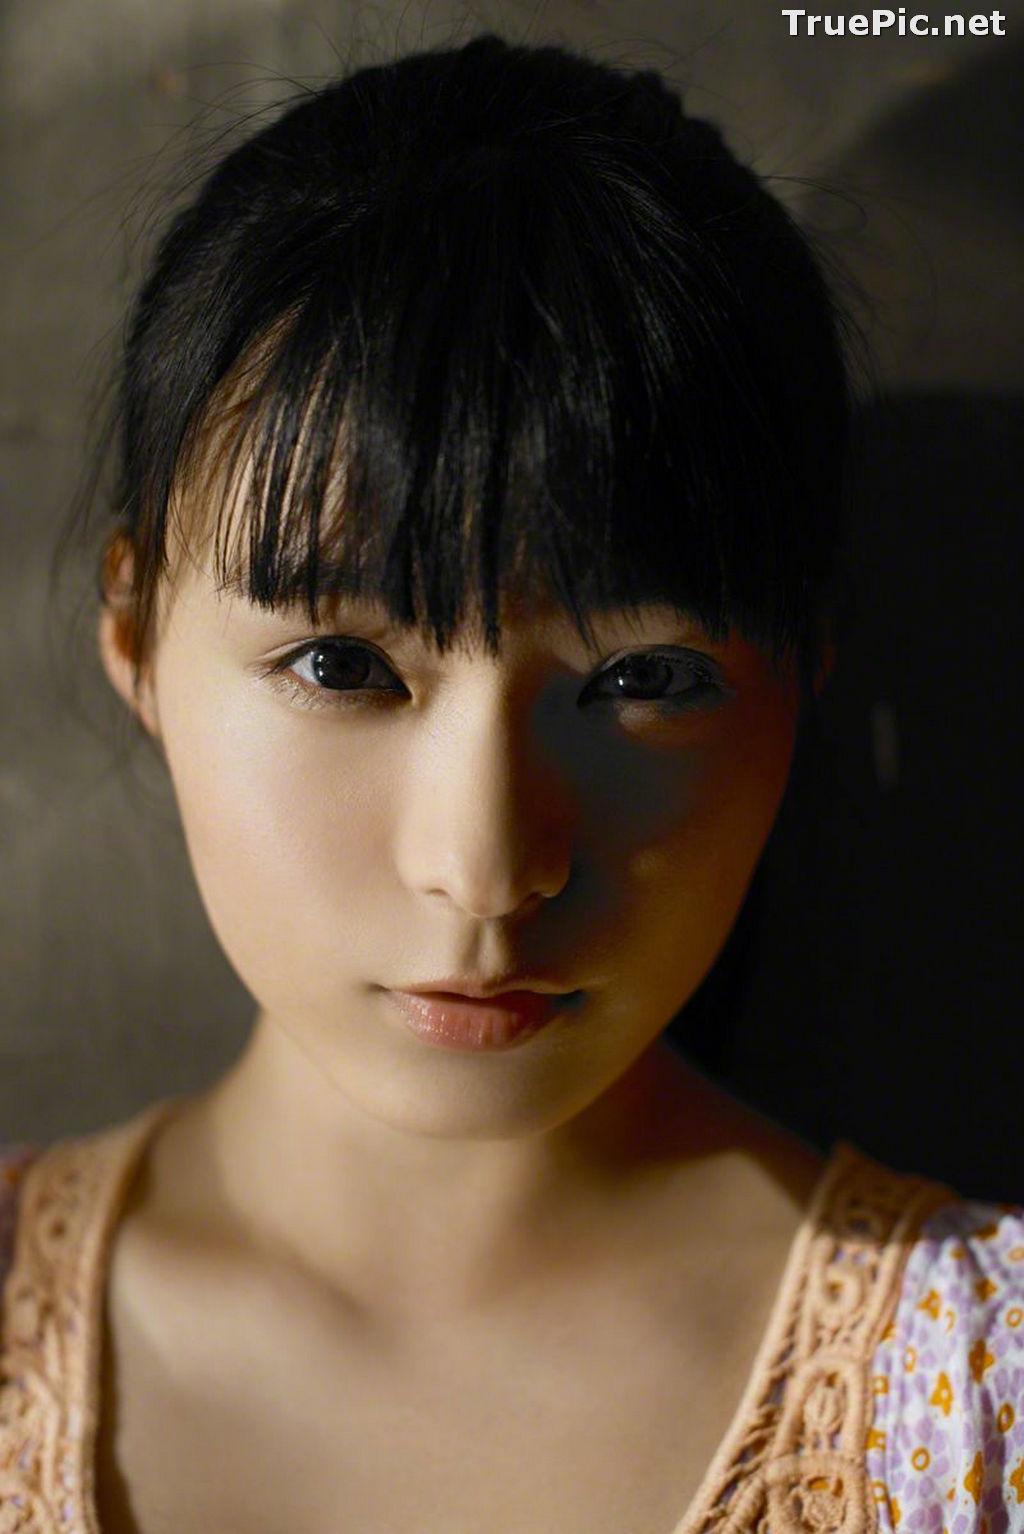 Image Wanibooks NO.121 - Japanese Gravure Idol - Mizuki Hoshina - TruePic.net - Picture-8